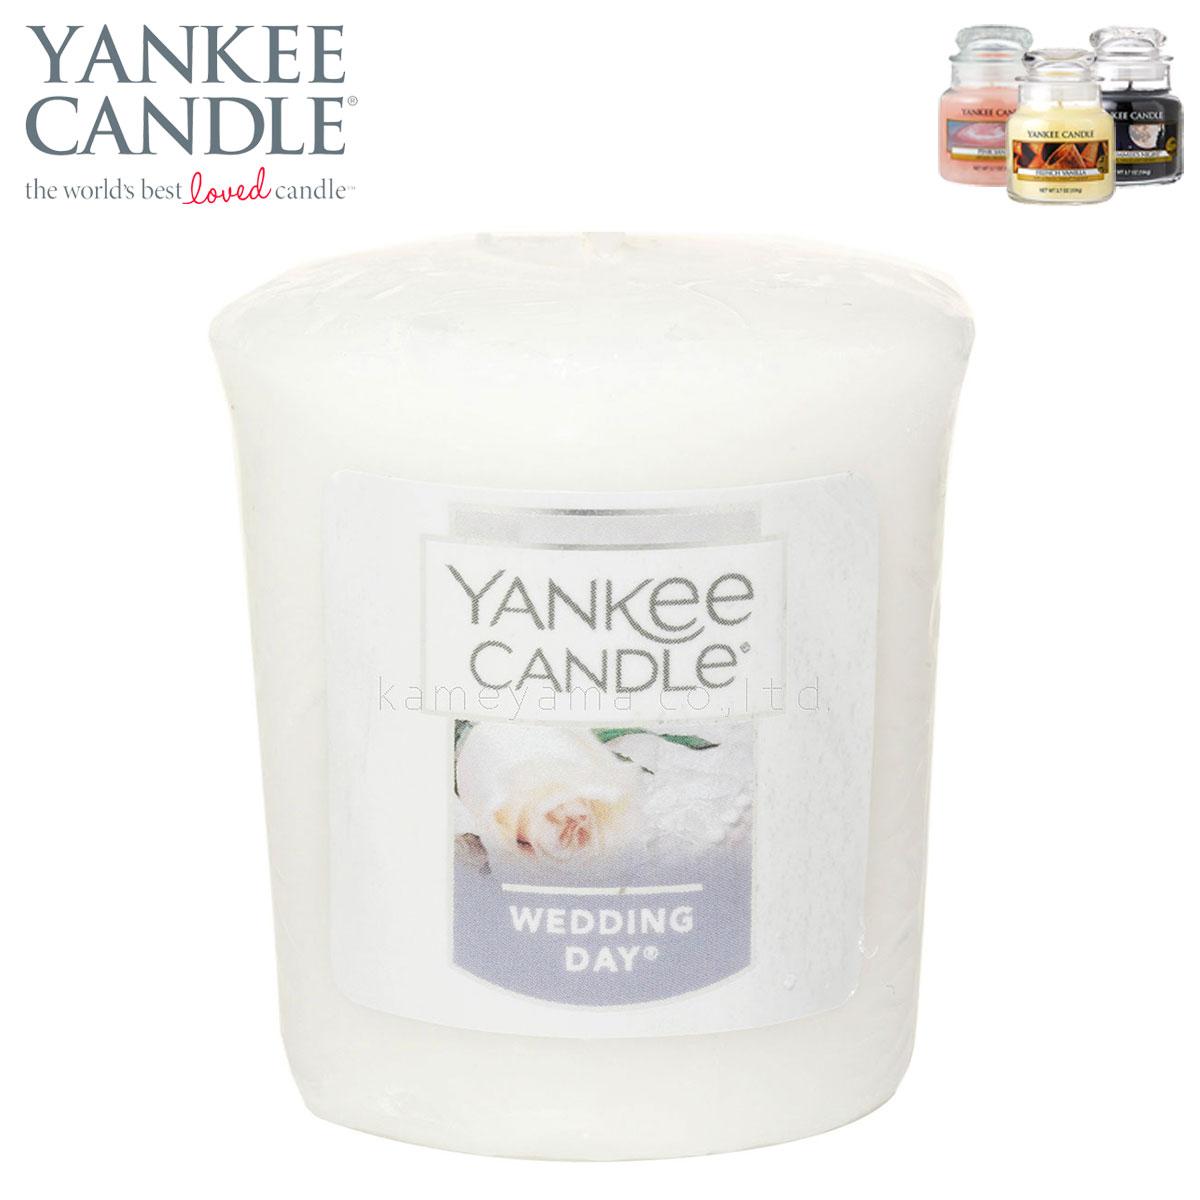 ヤンキーキャンドル YANKEE CANDLE 正規販売店 キャンドル YCサンプラー ウエディングデイ (K0010512) A49B B3C C3D D0E E00F